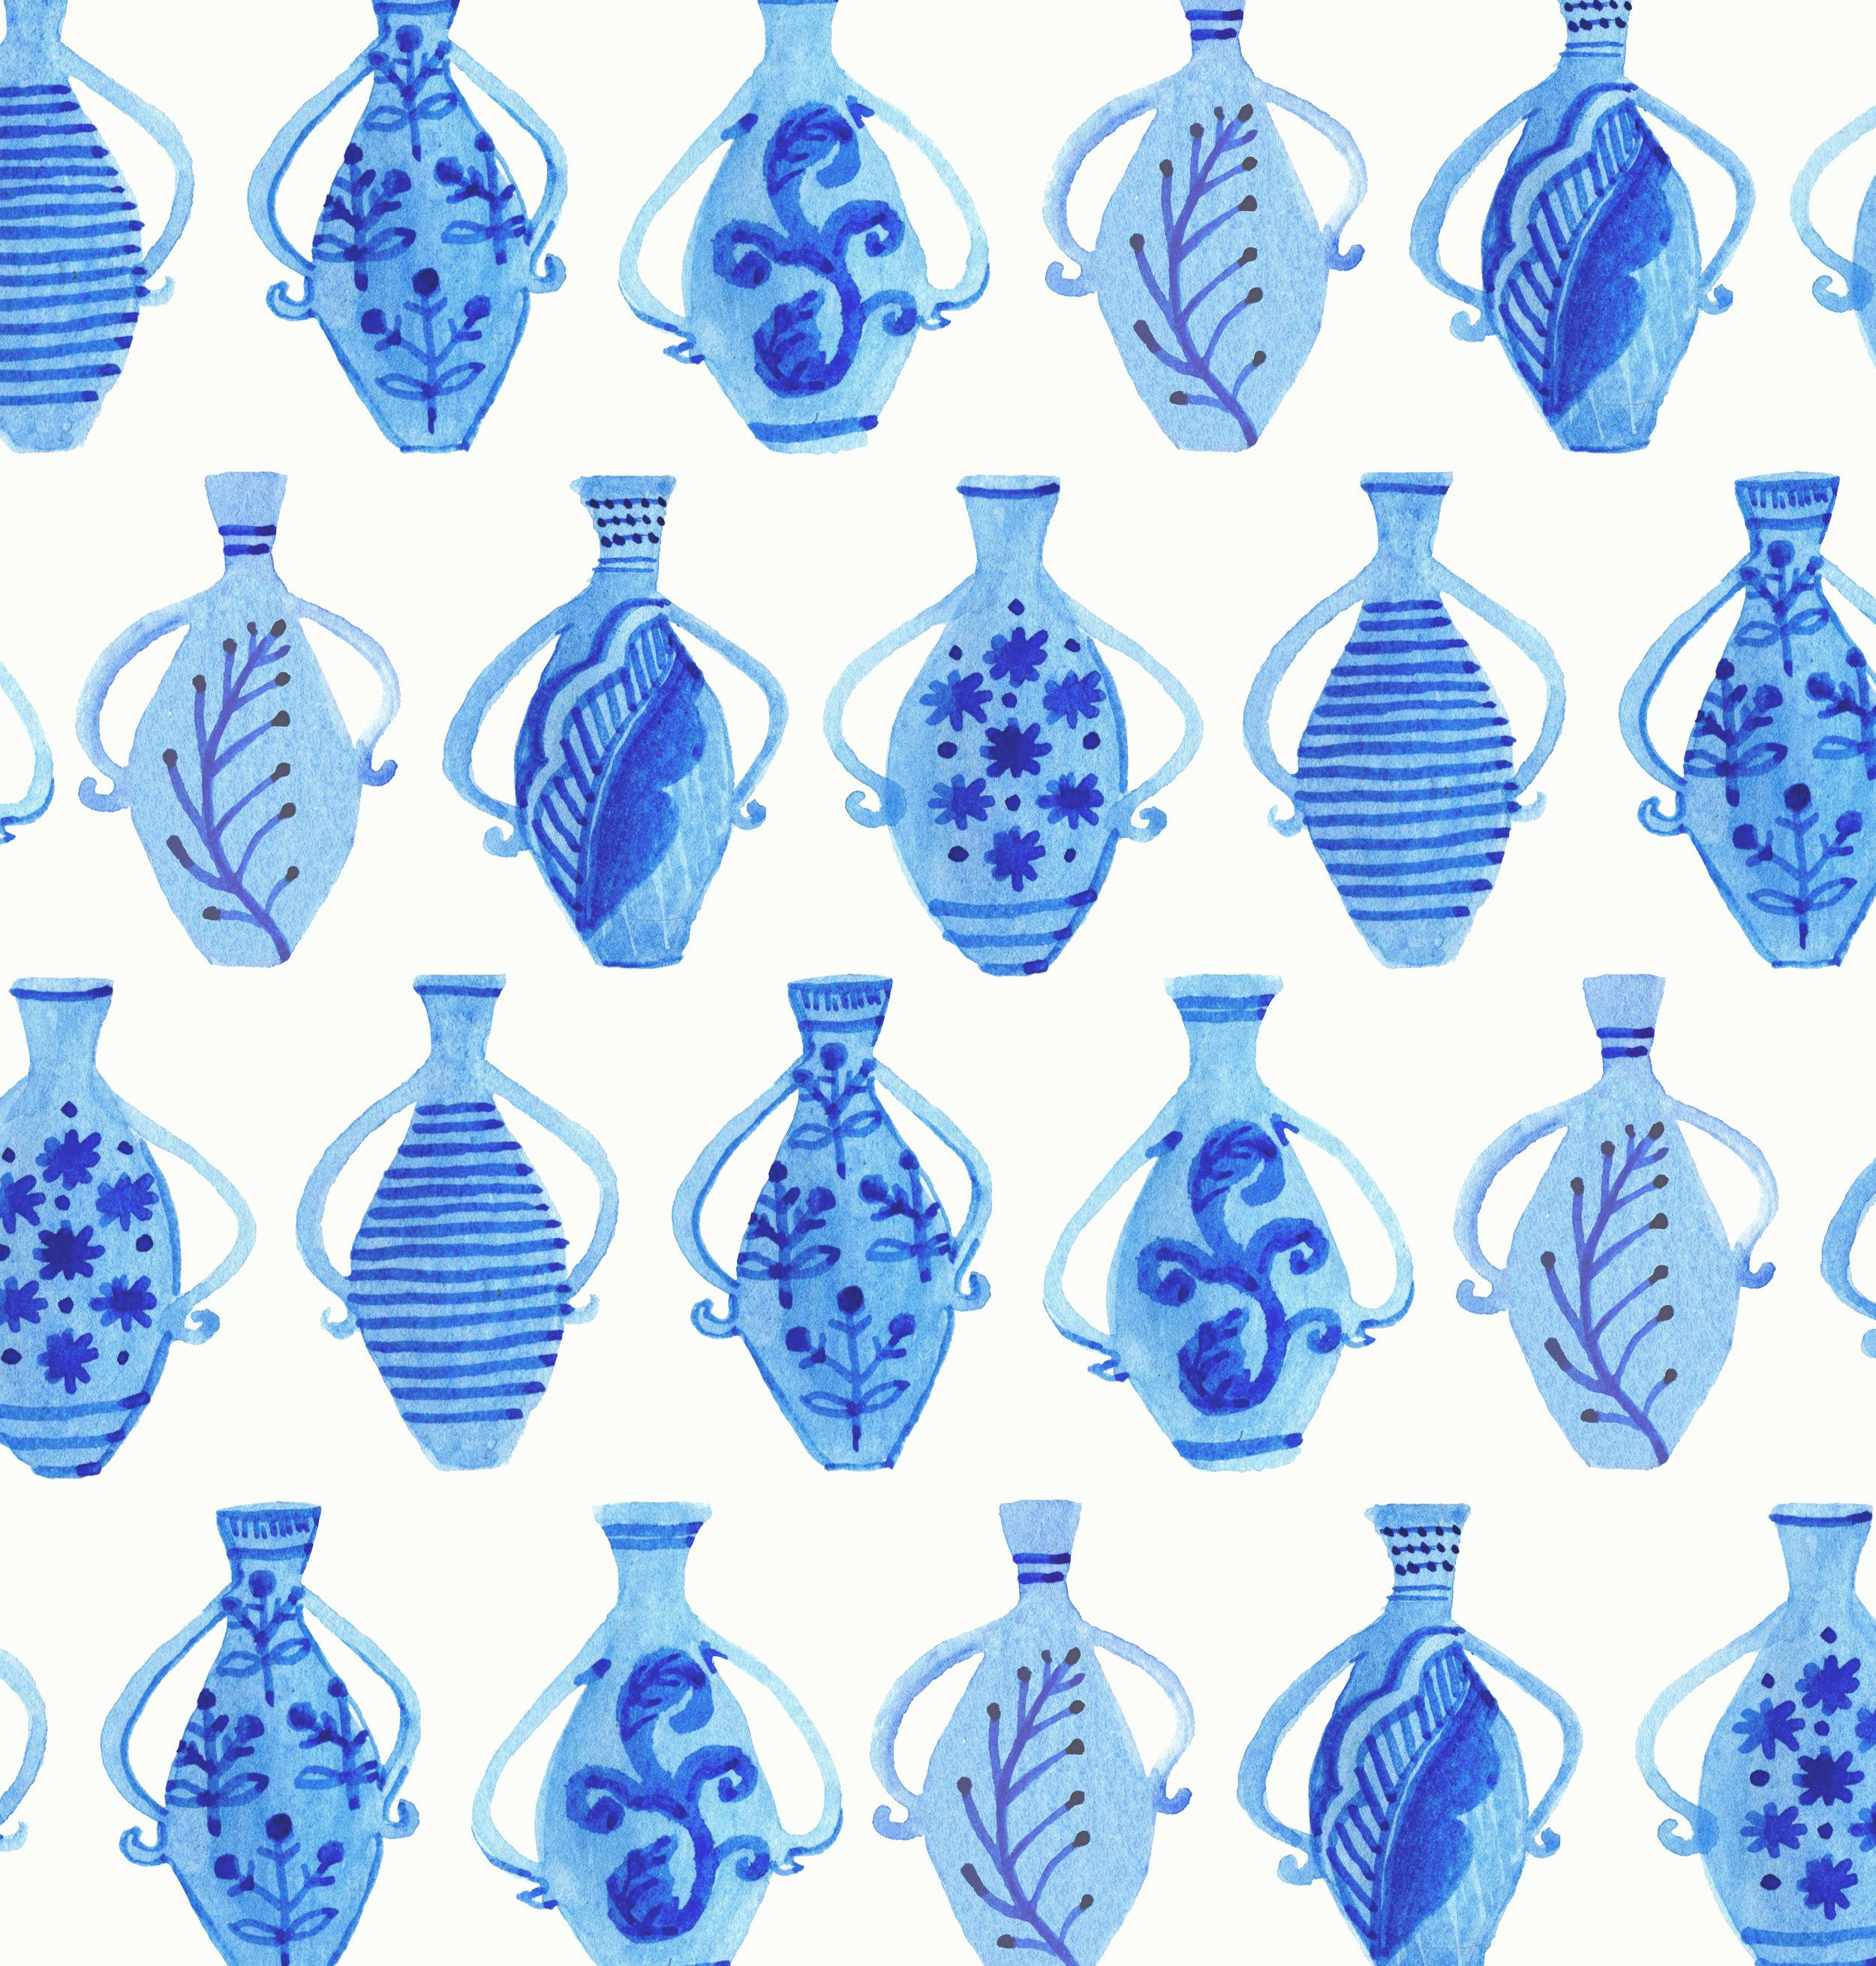 greek vases.jpg